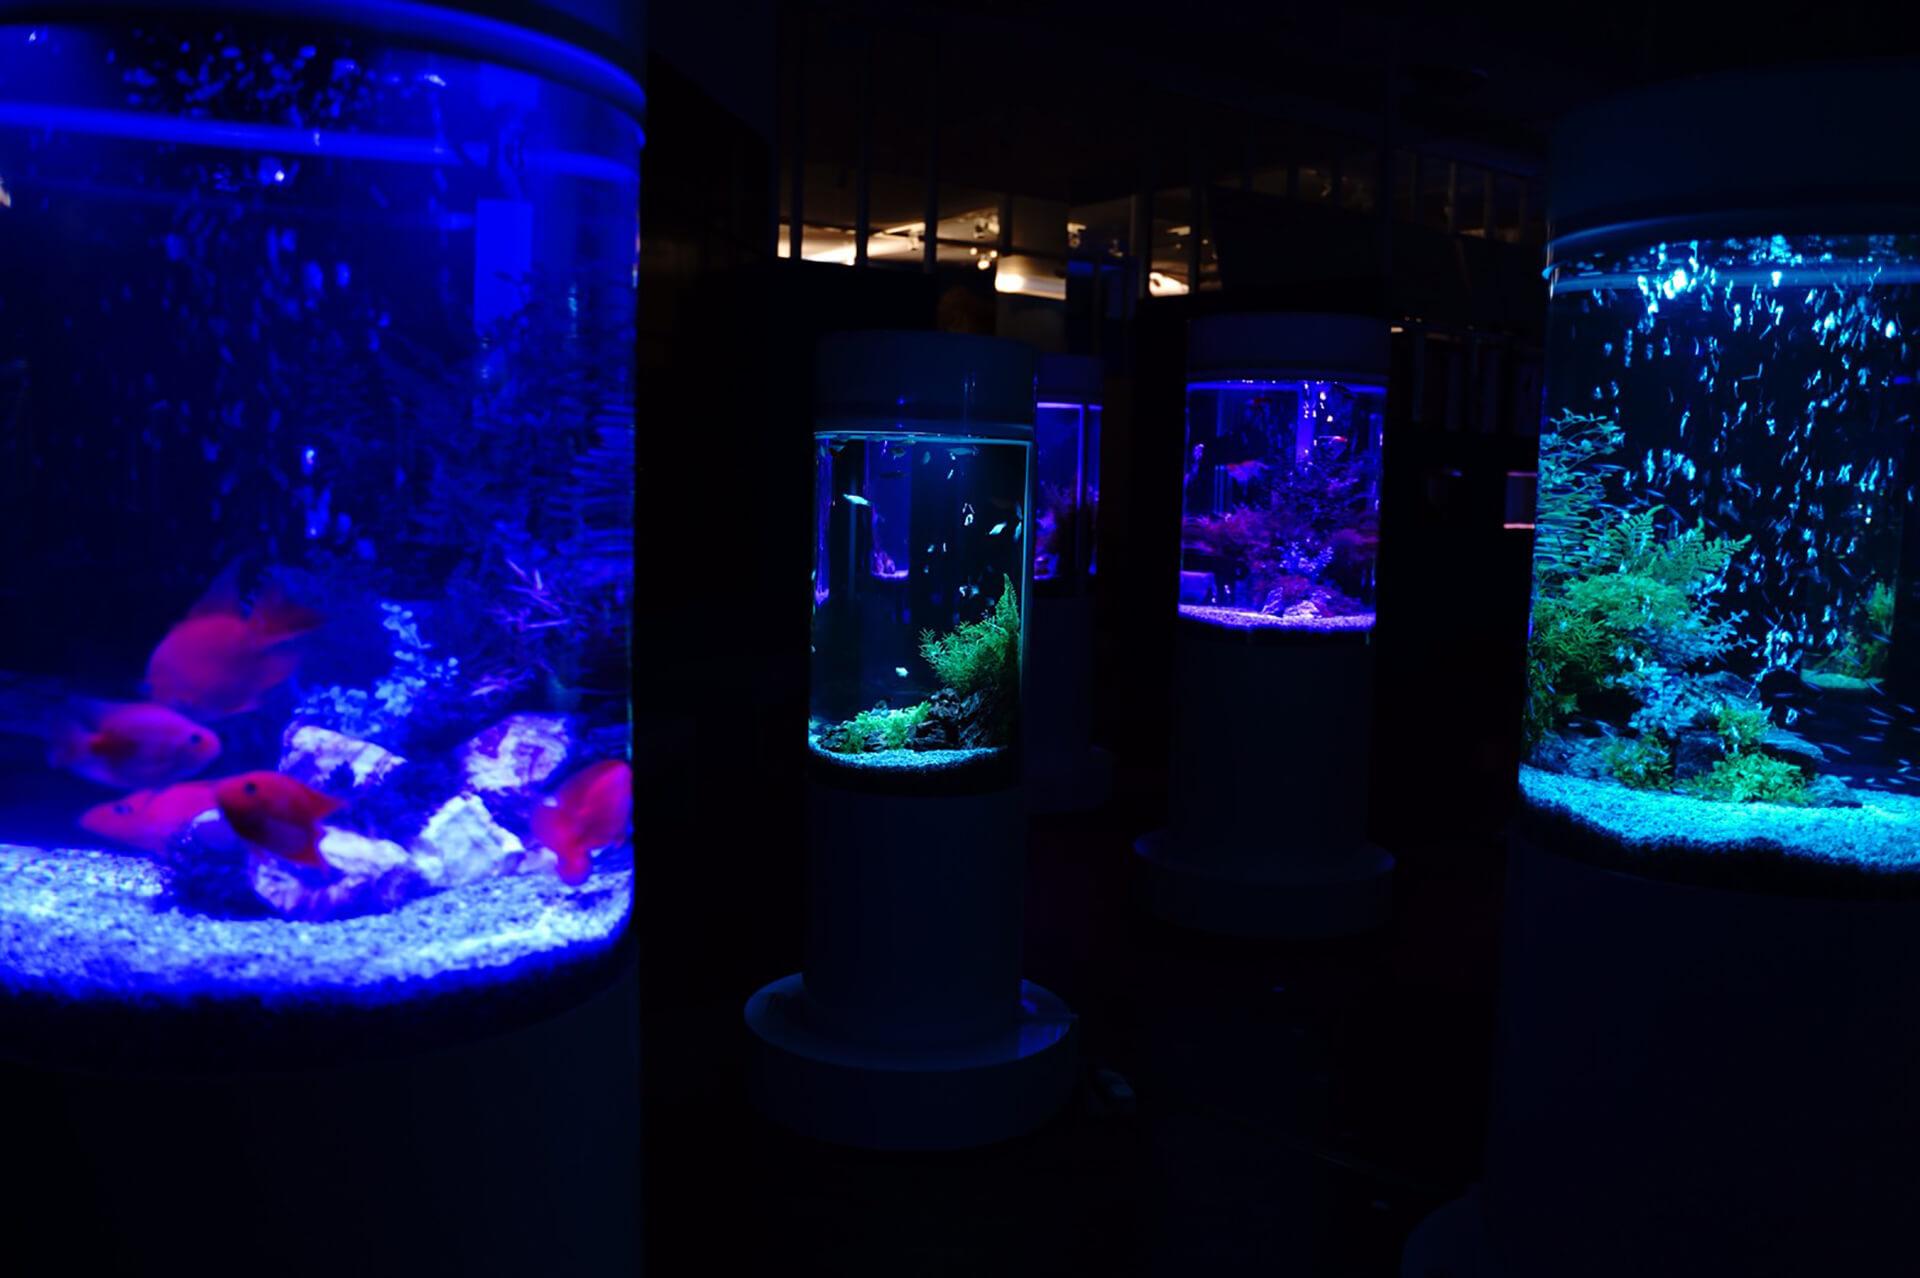 カフェ型水族館「ジュエリーアクアリウム」